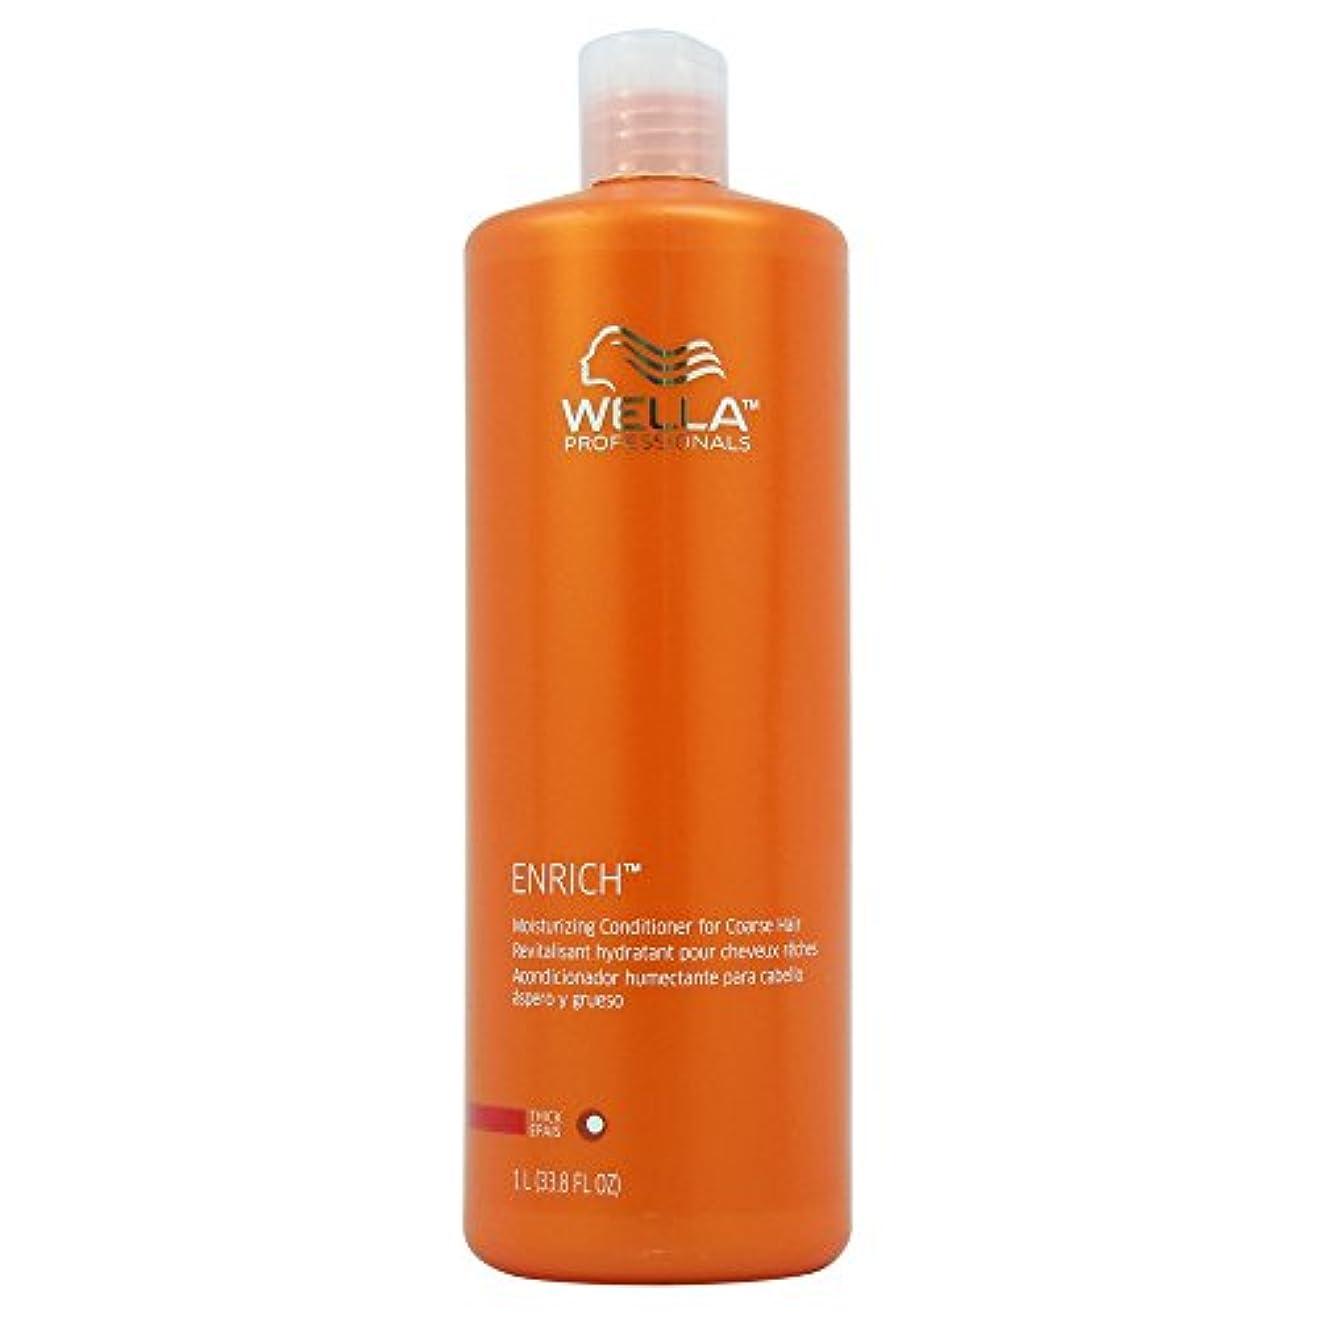 地獄性能十分にWella Enriched Moisturizing Conditioner for Coarse Hair for Unisex, 33.8 Ounce by Wella